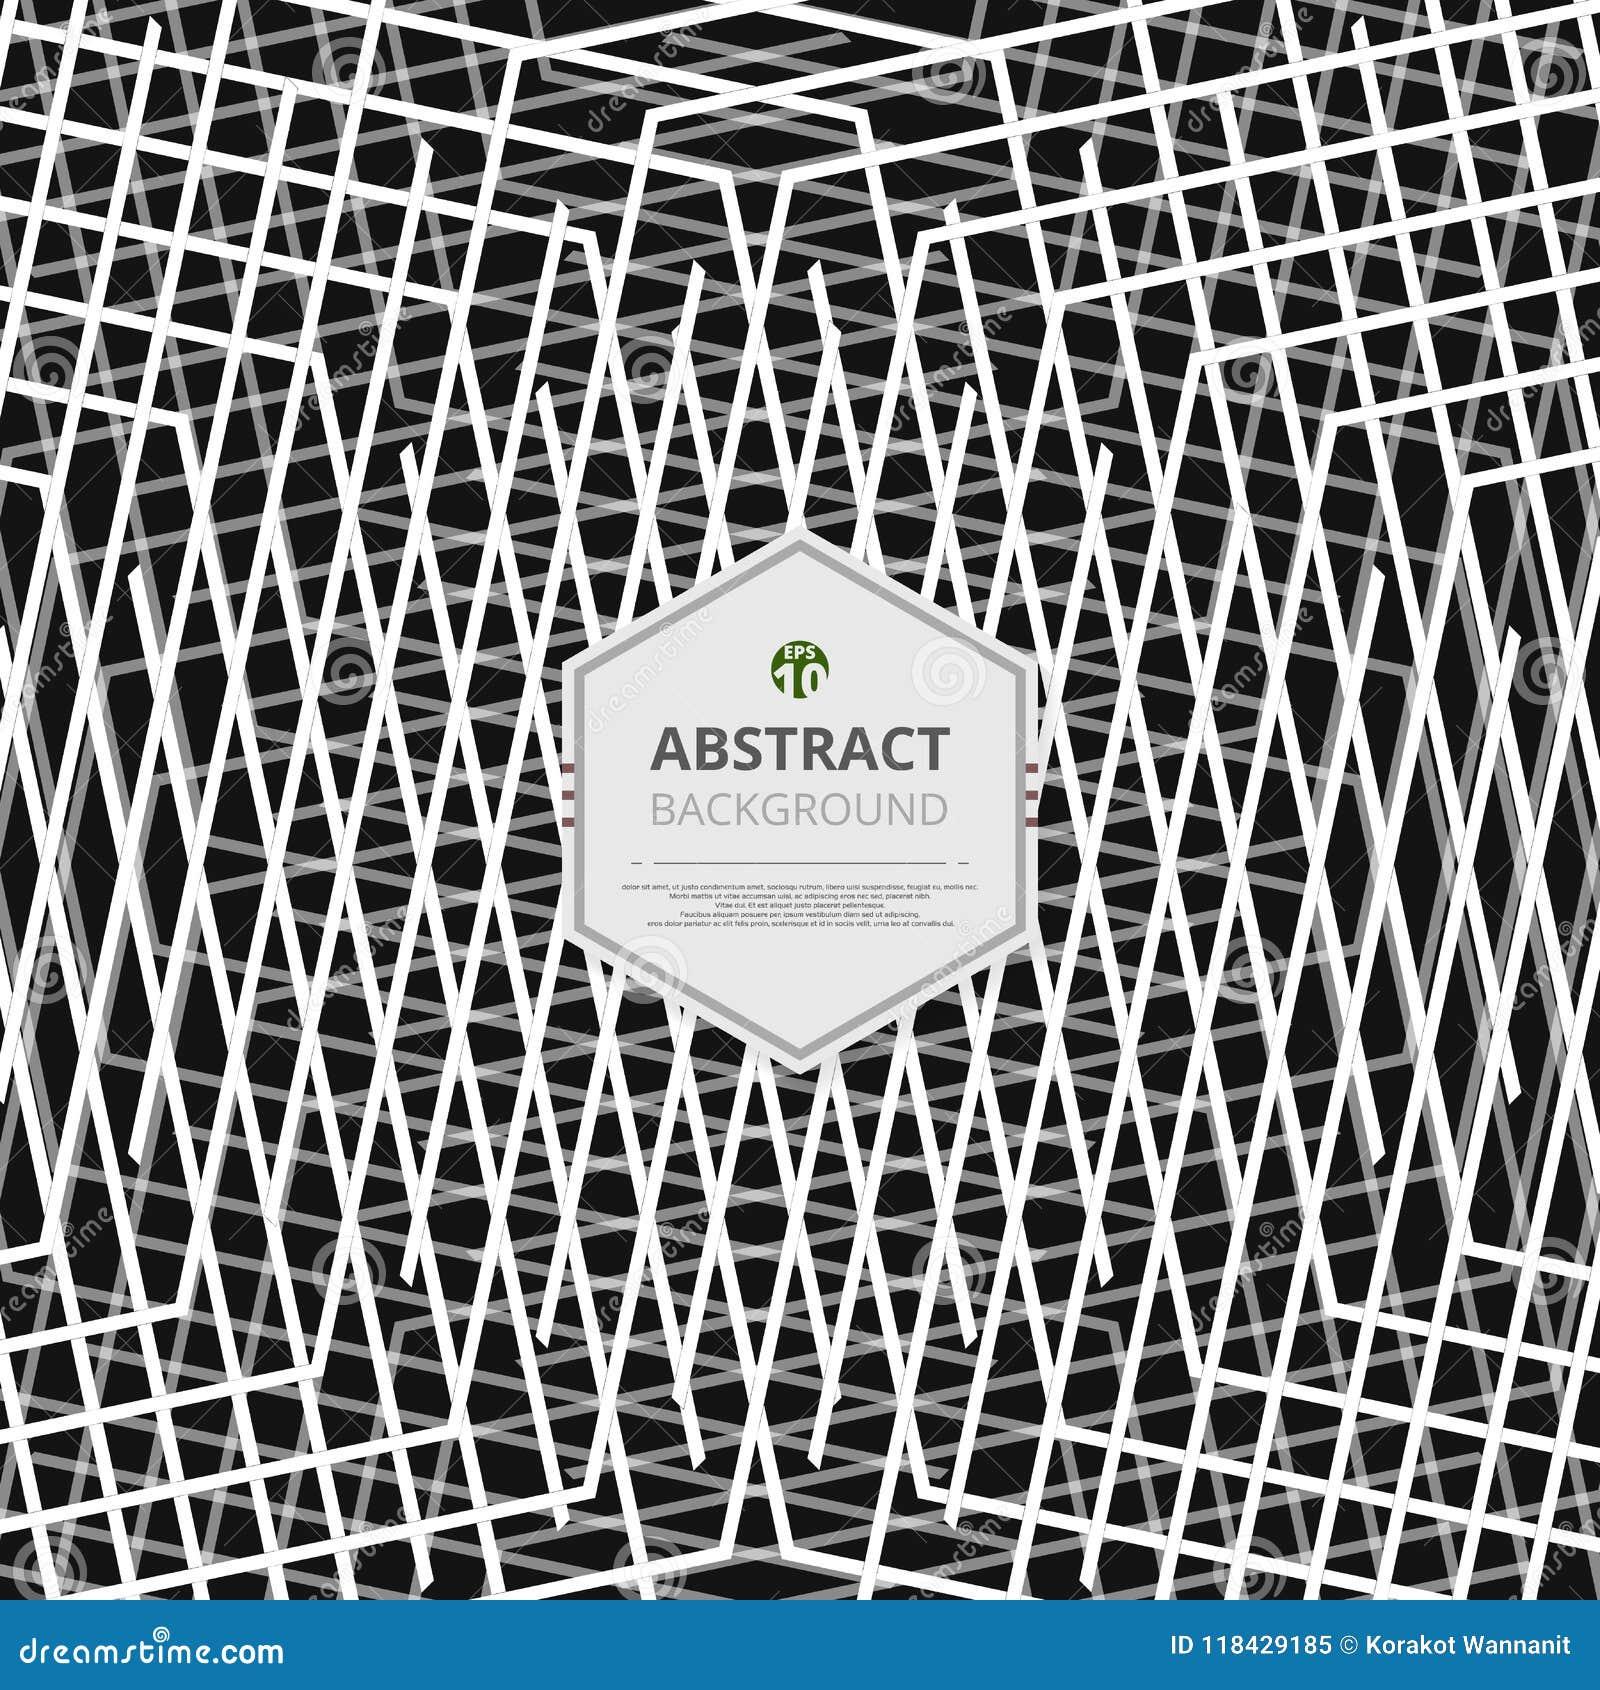 Zusammenfassung Des Weißen Streifens Zeichnet Muster Auf Schwarzem